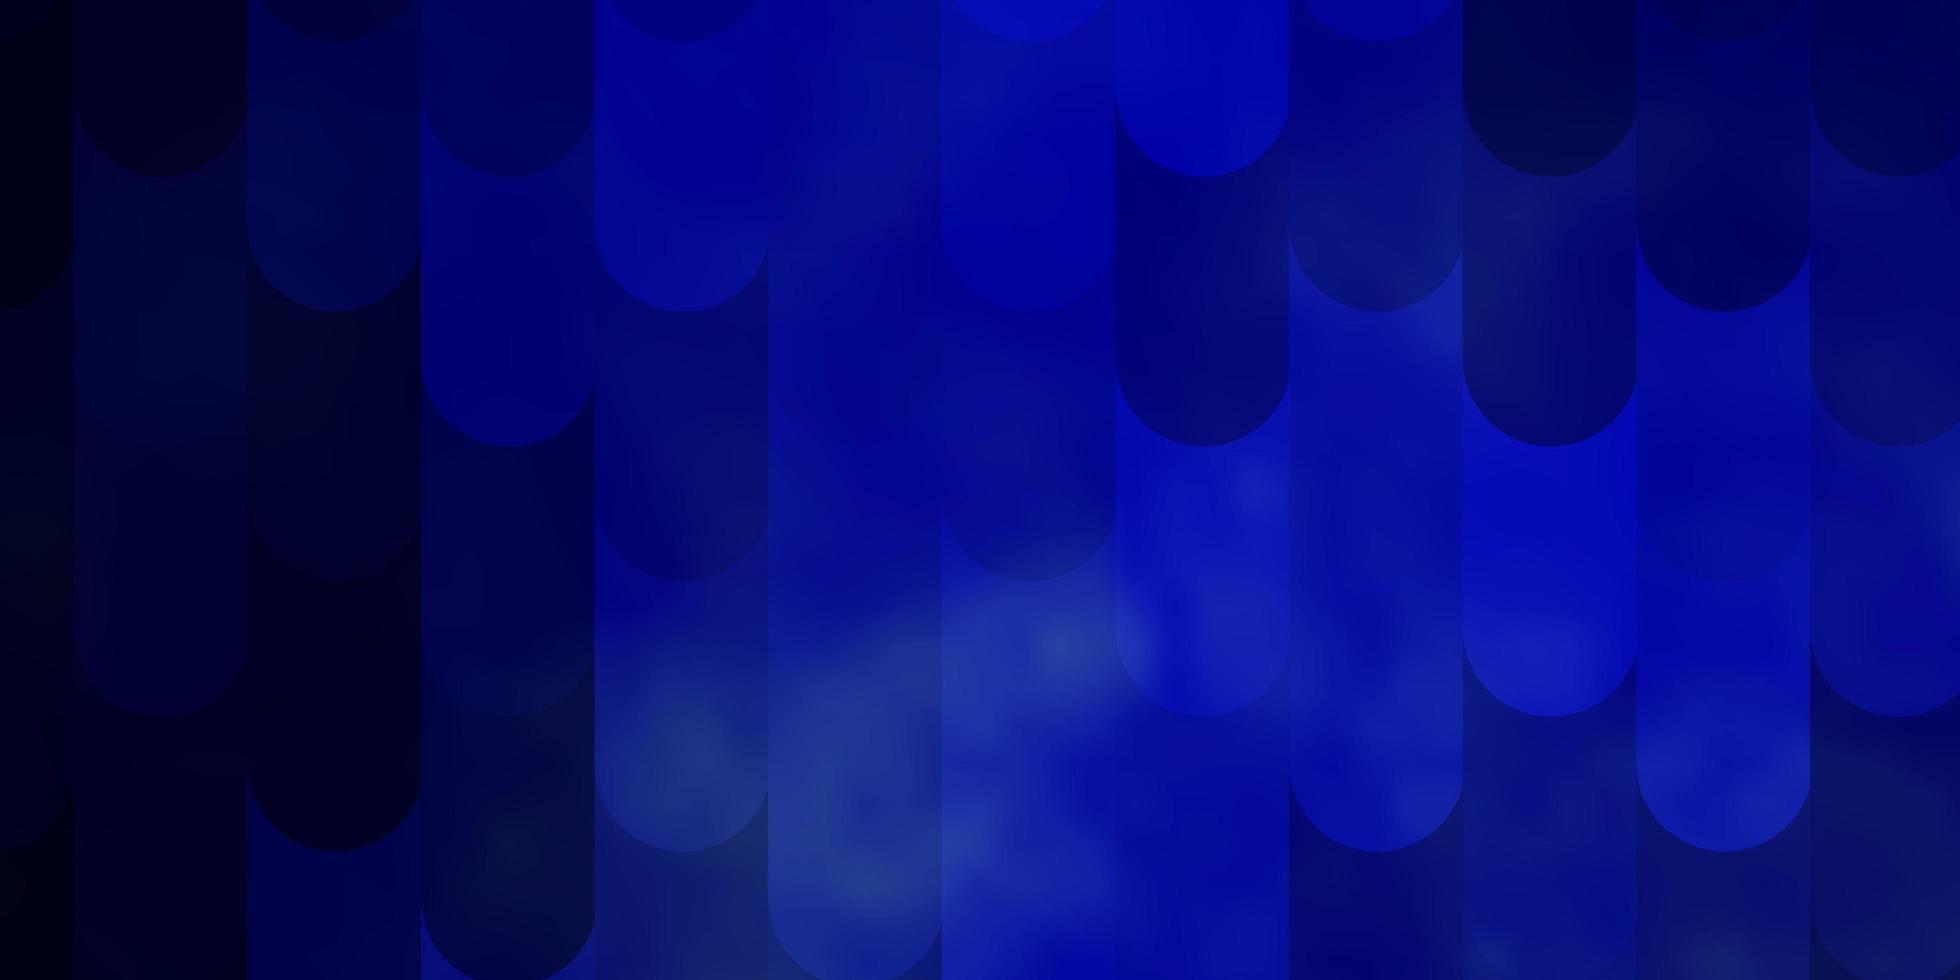 lichtblauw vector sjabloon met lijnen.